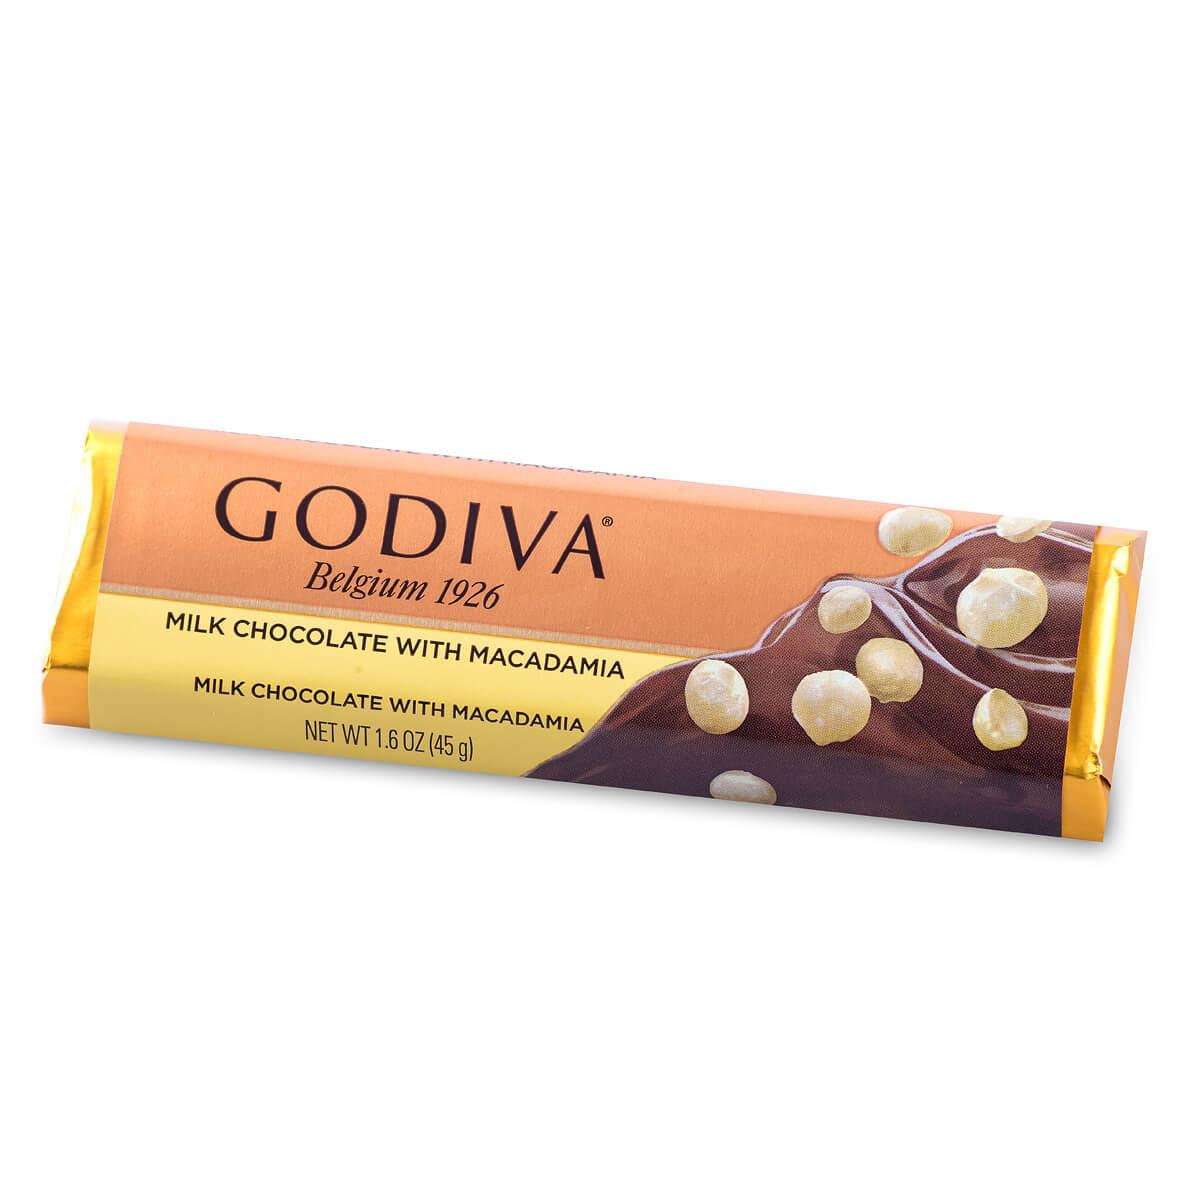 Panier Cadeau Café : Godiva panier cadeau aux truffes caf? et biscuits